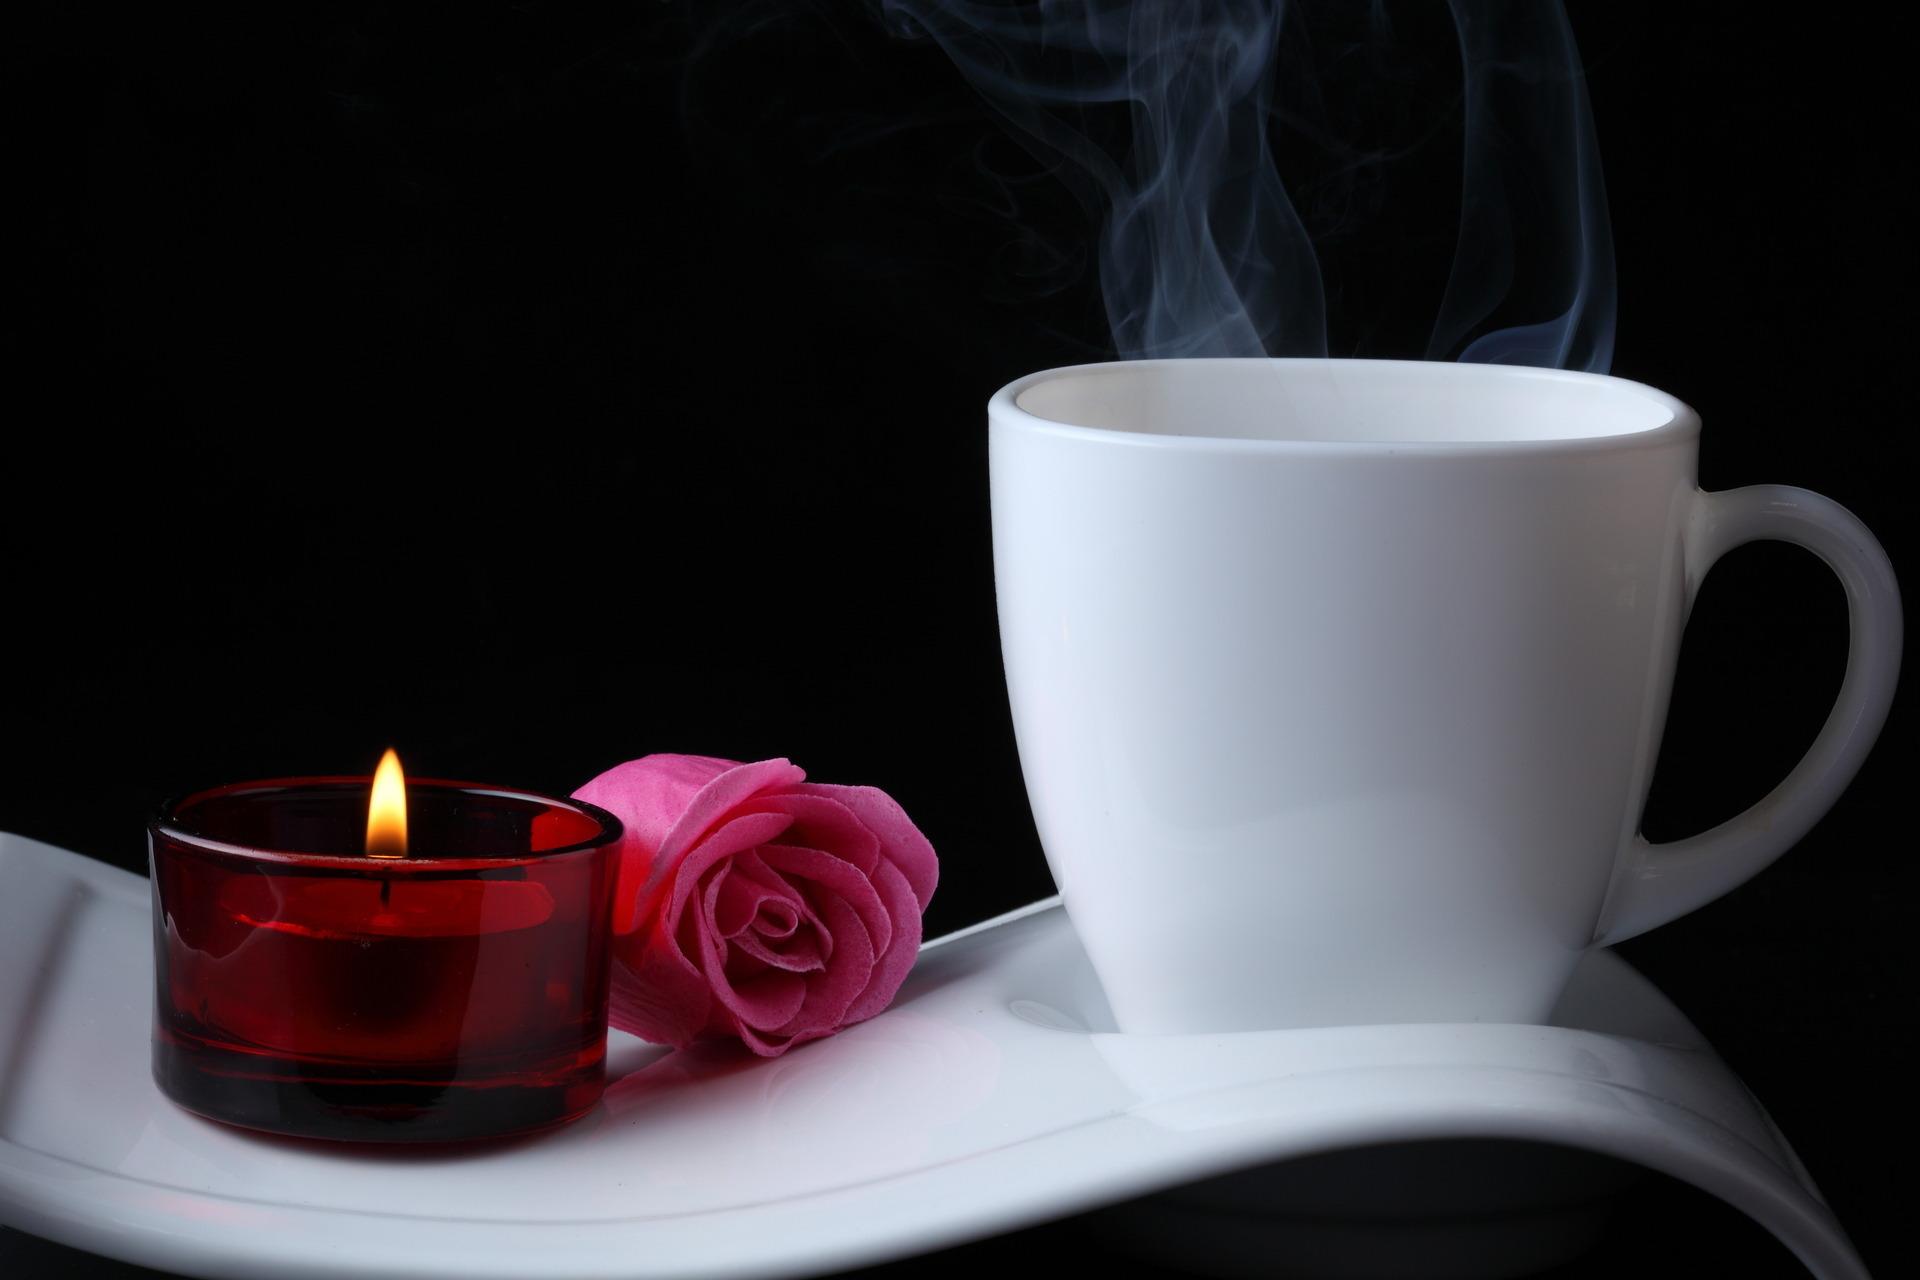 Белая чашка на фоне огней  № 2121432 бесплатно